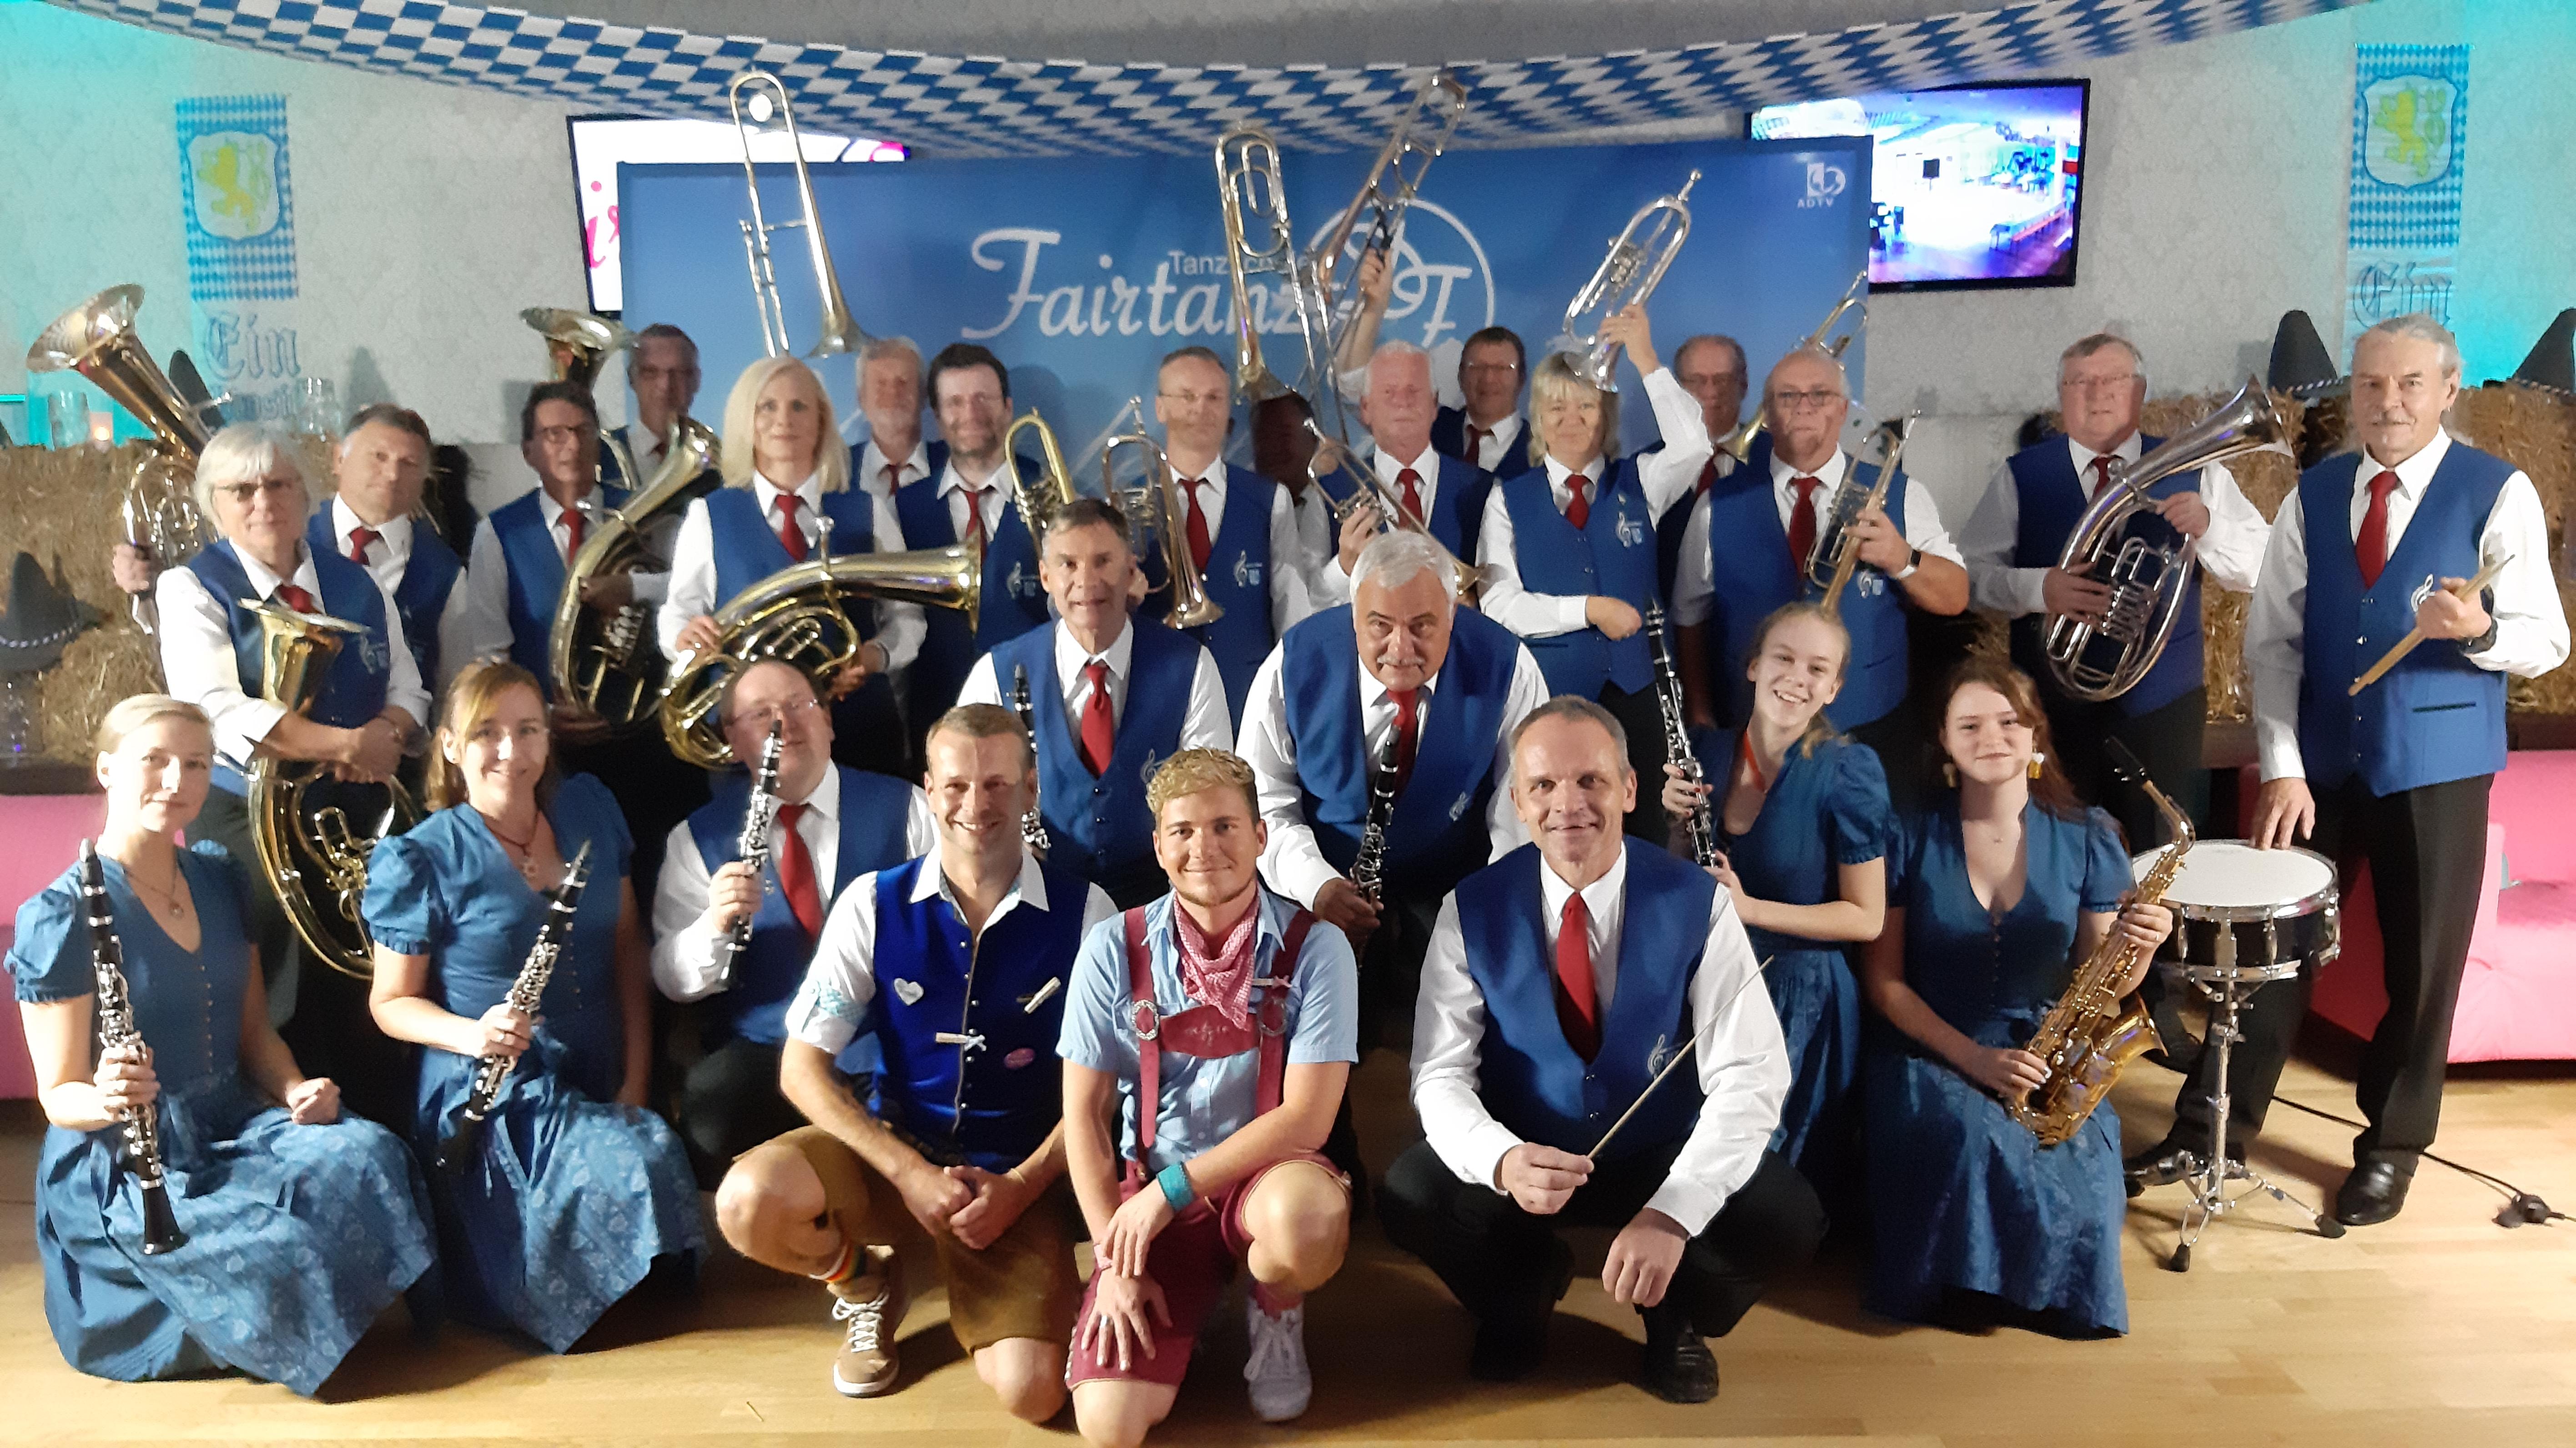 Oktoberfest in der Tanschule Fairtanzt in Geltow